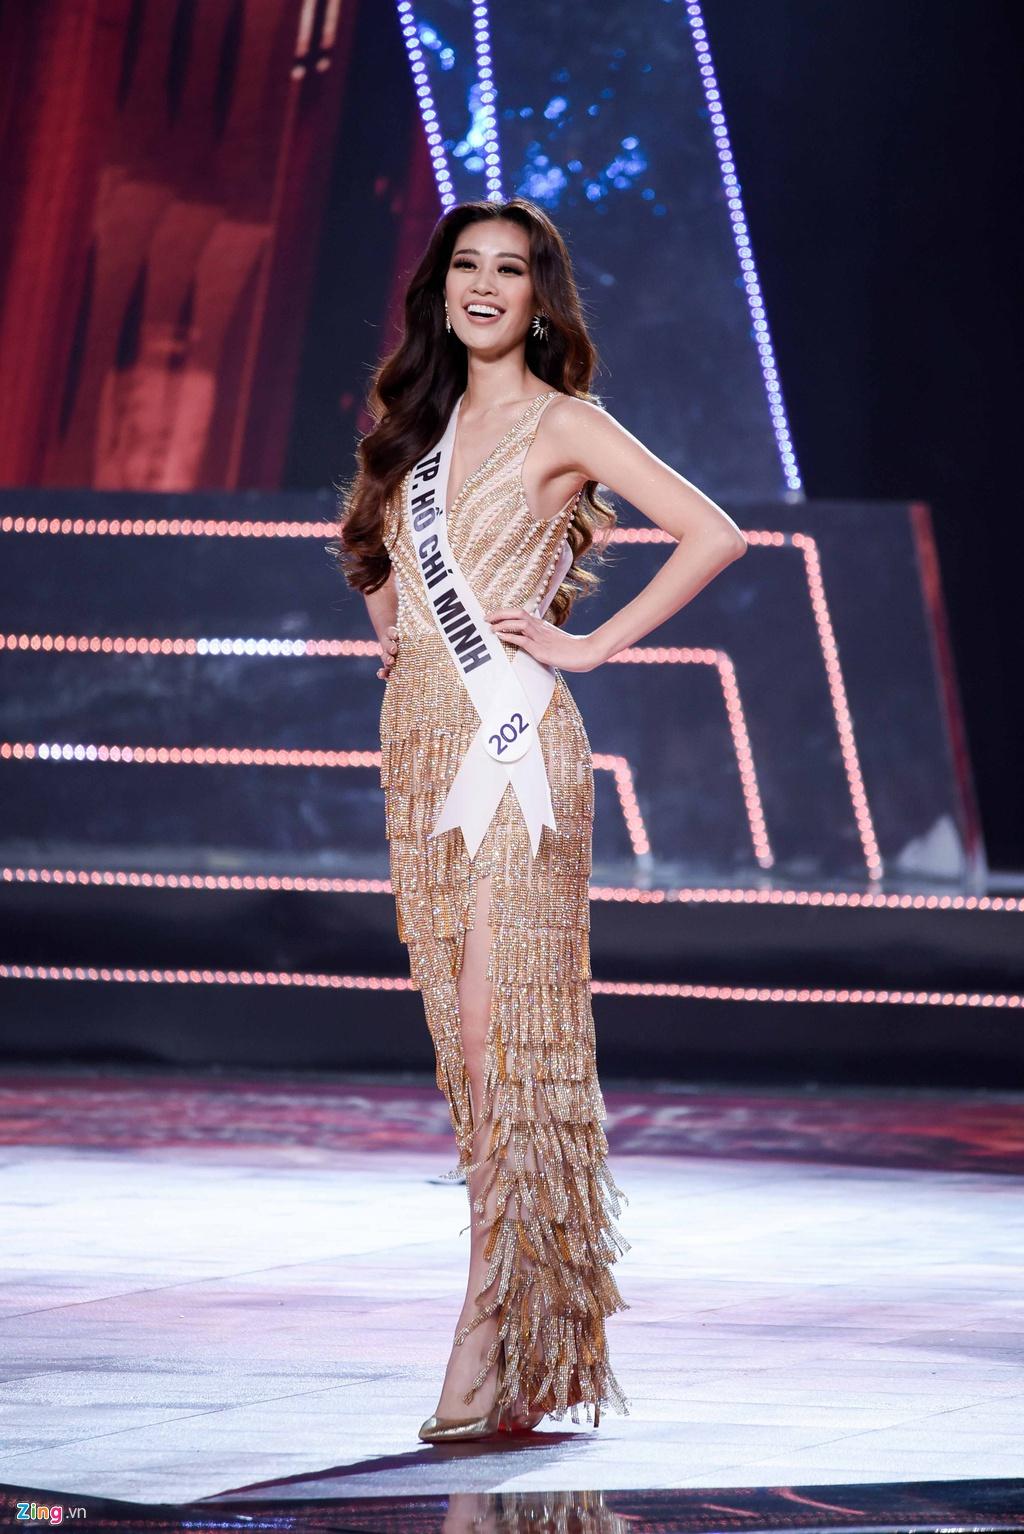 Nhan sắc Hoa hậu Hoàn vũ Việt Nam 2019 Nguyễn Trần Khánh Vân 4